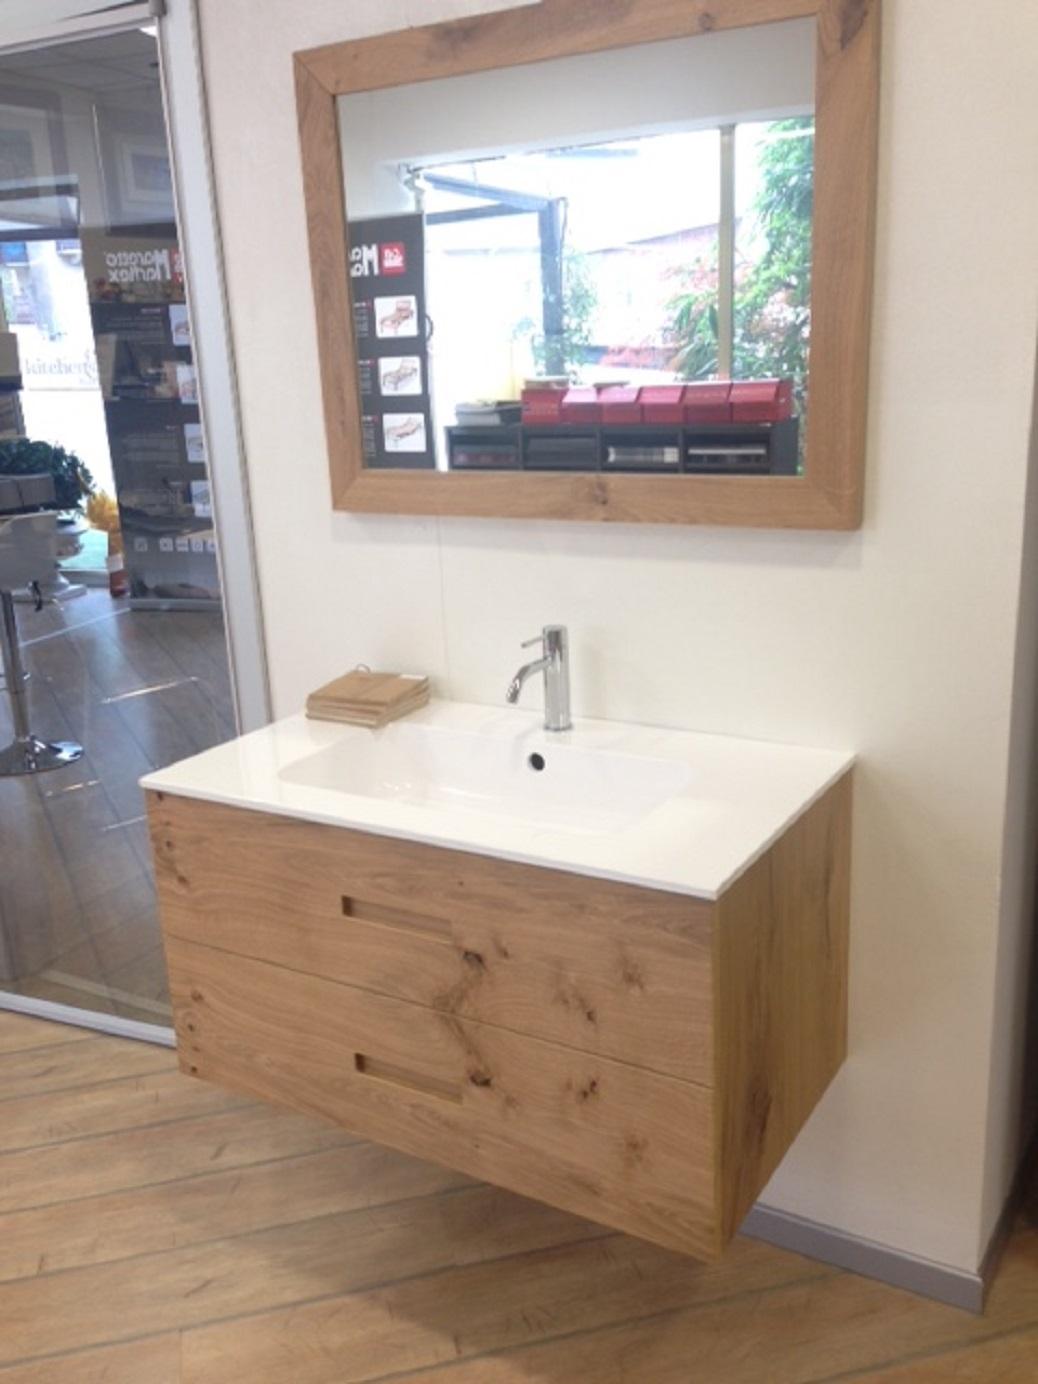 Mobiletti bagno sospesi mobili da bagno con piedini for Mobiletti per bagno economici